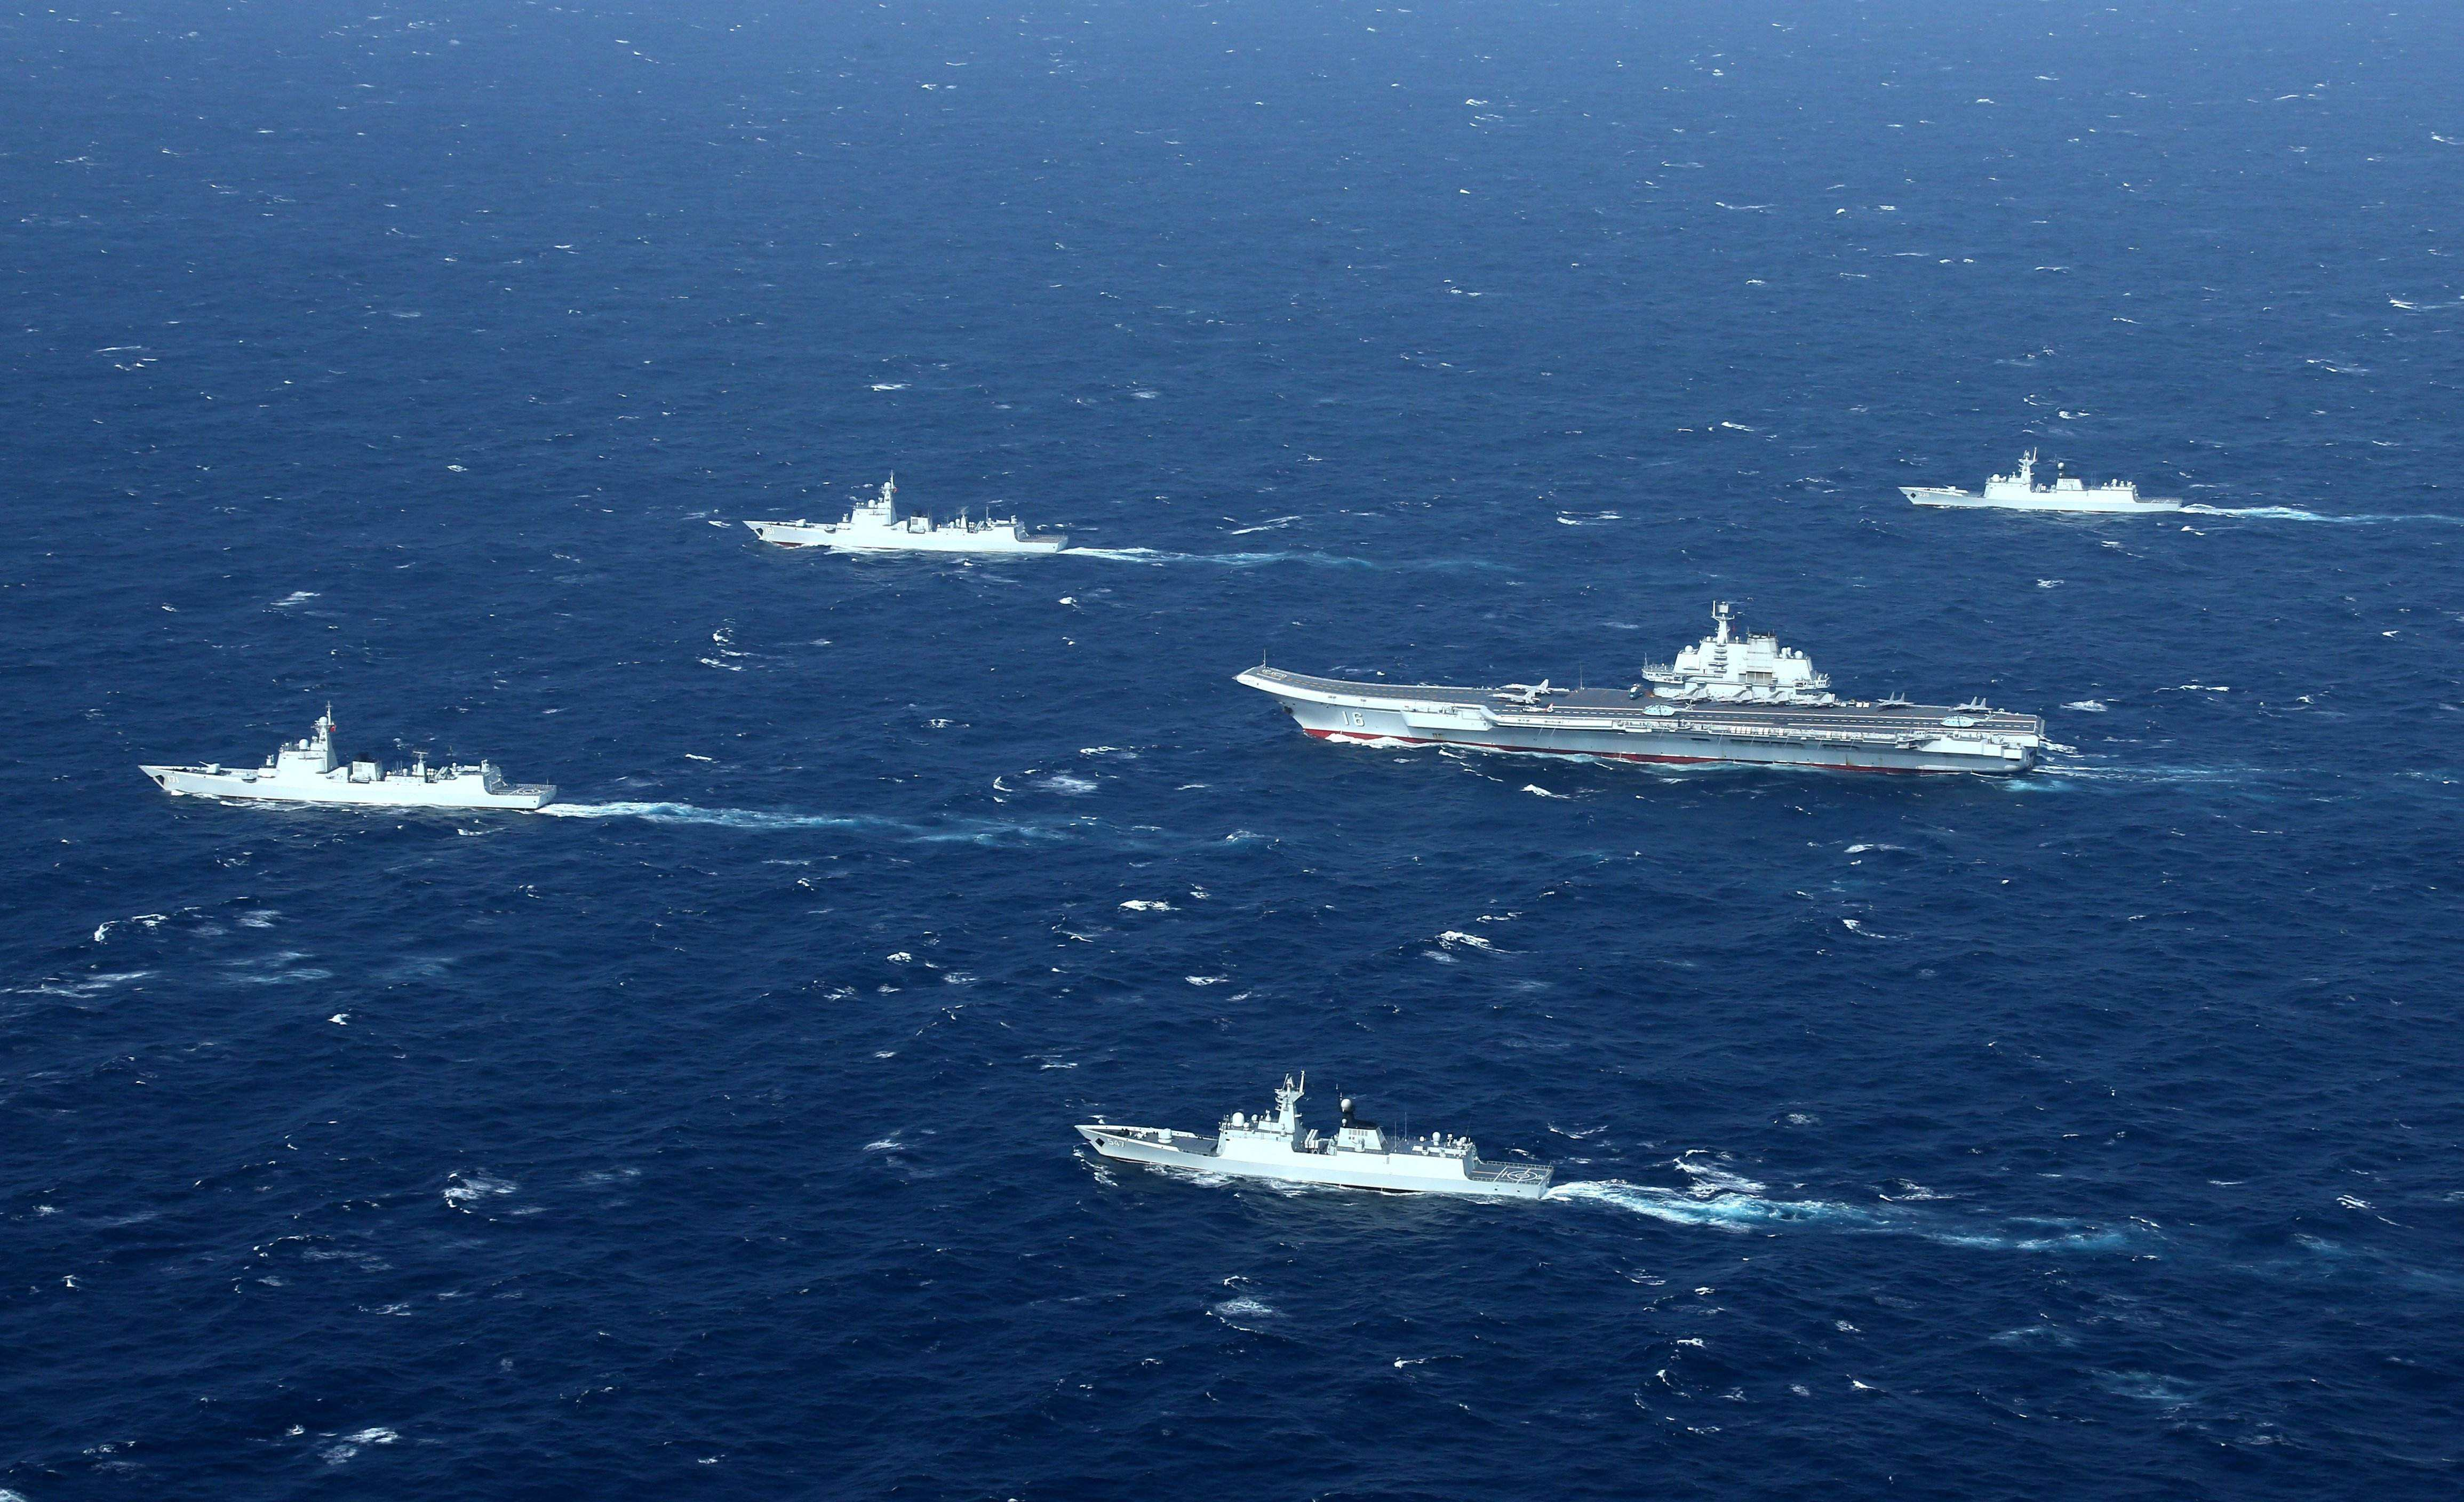 胡锡进:美军重新进驻台湾?那将意味着战争